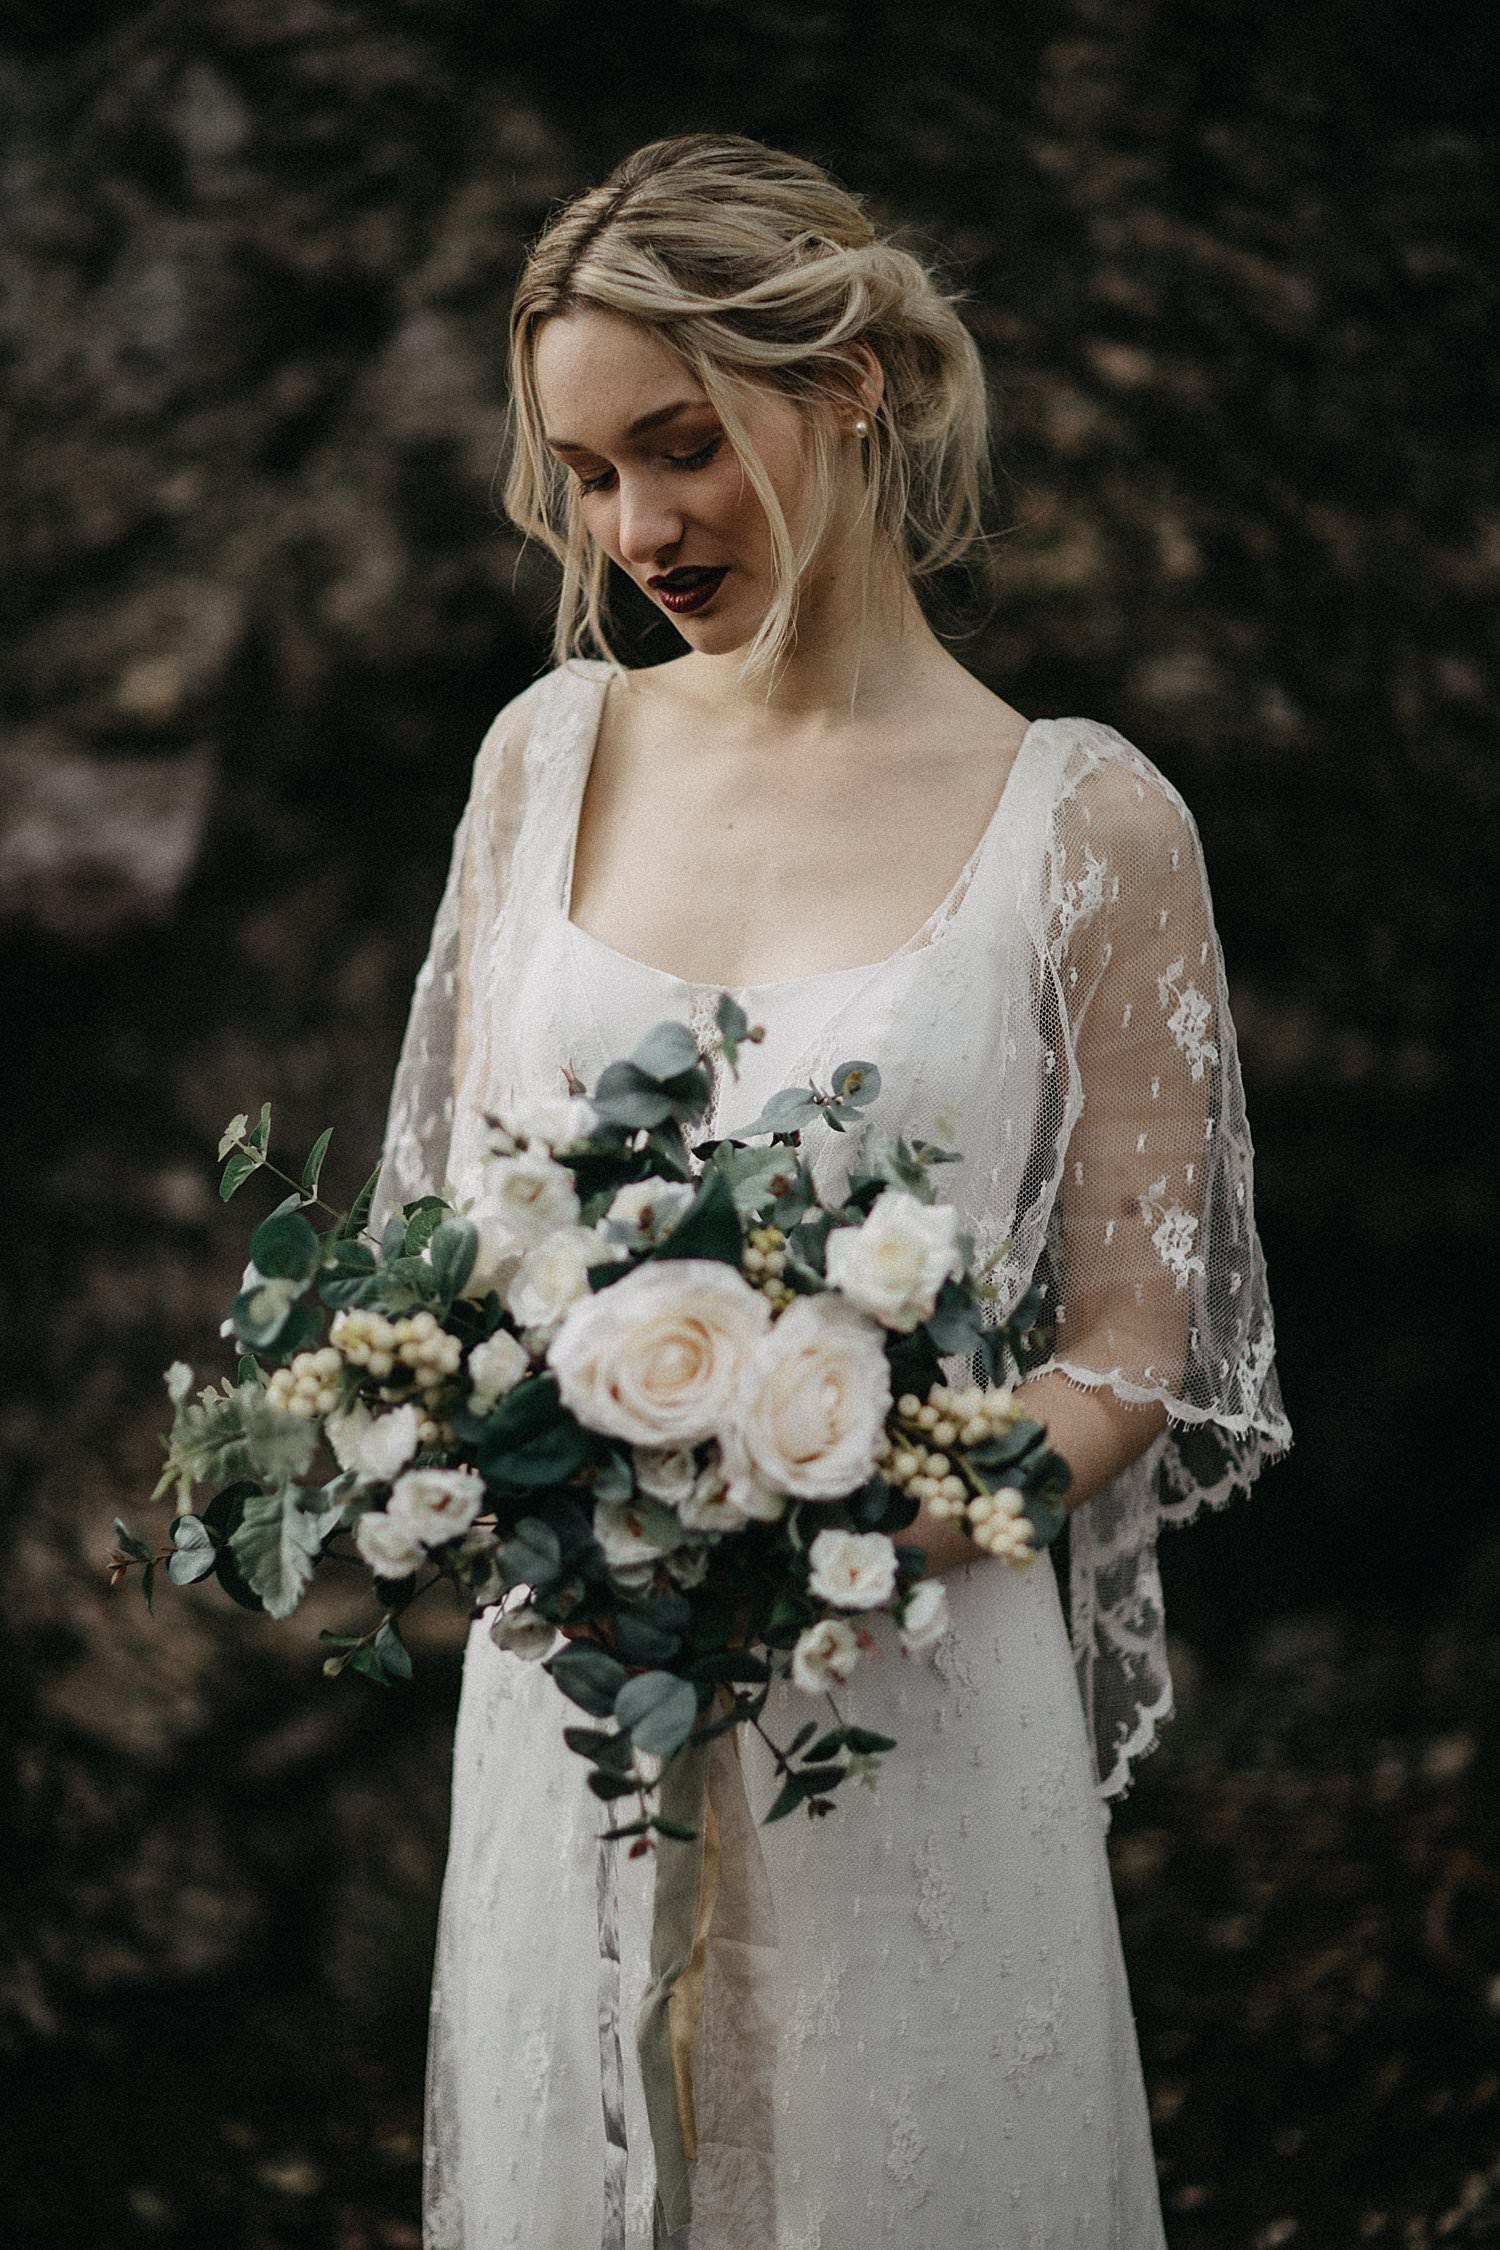 portret bruid met bruidsboeket in woud Oostenrijk